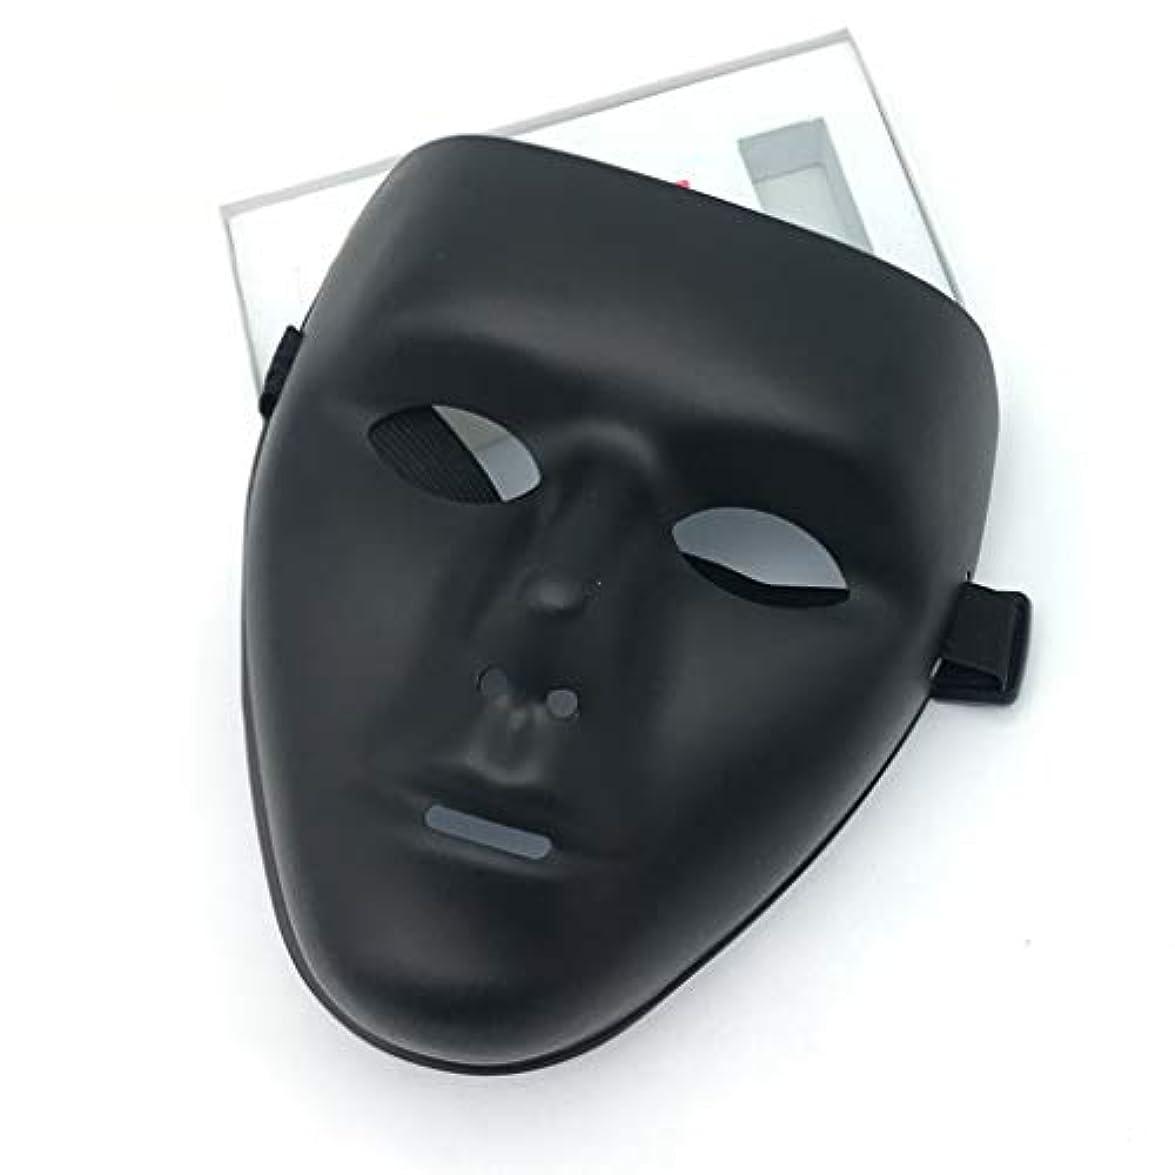 独立二次花に水をやるハロウィンマスクフルフェイスストリートダンス振動マスク仮装変なマスクダンスマスク